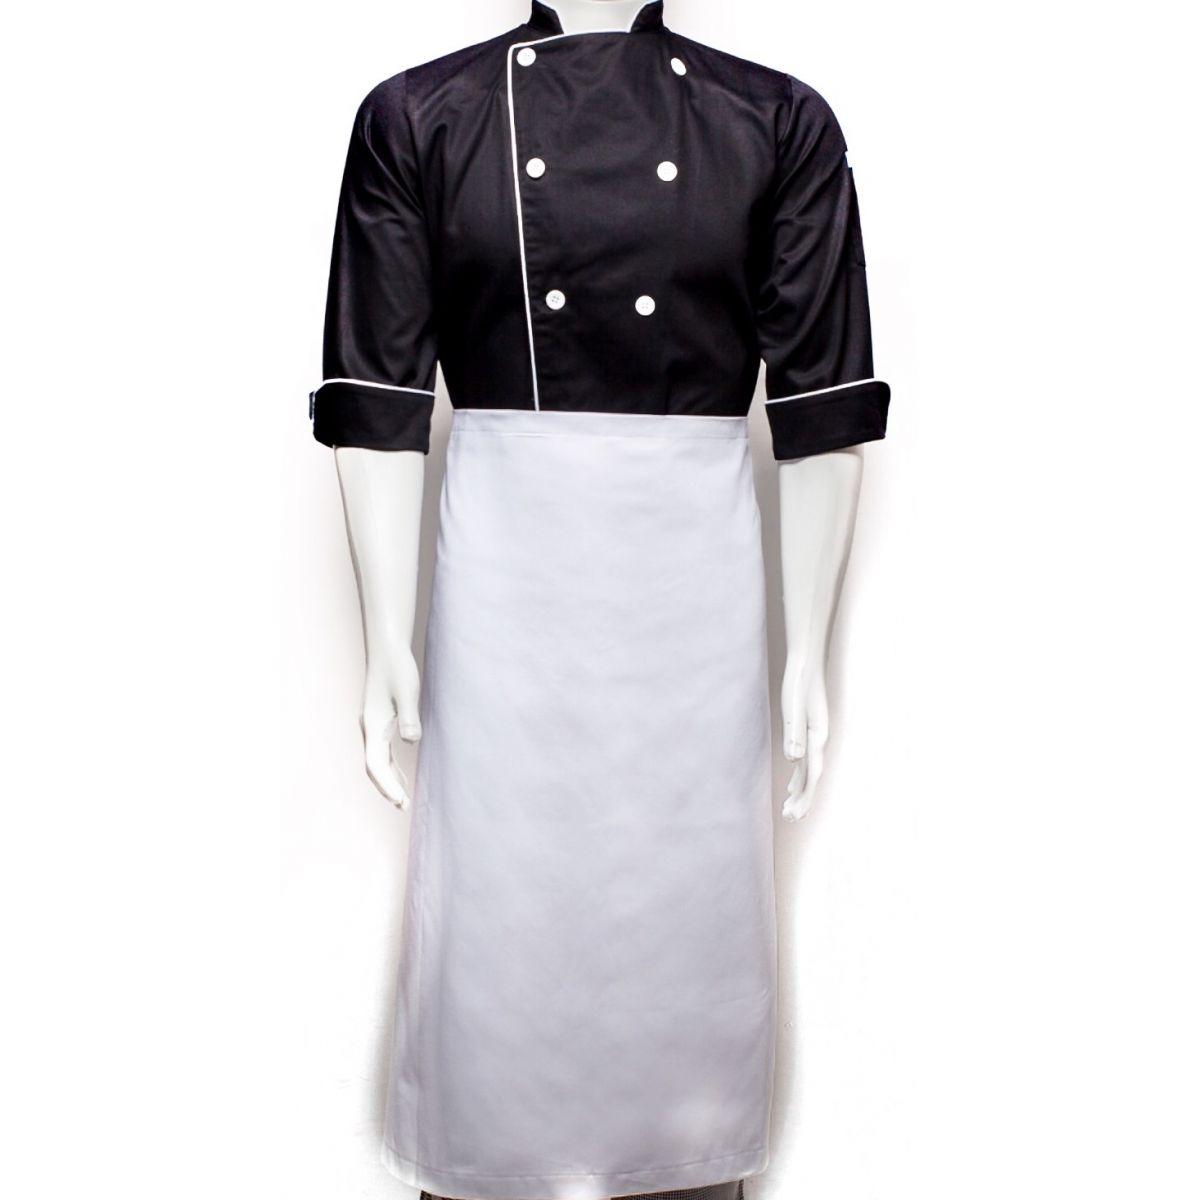 Dólmã Clássico Unissex PRETO CAVEIRA E FACAS BRANCO com vivo e botões brancos - 100% algodão manga 3/4